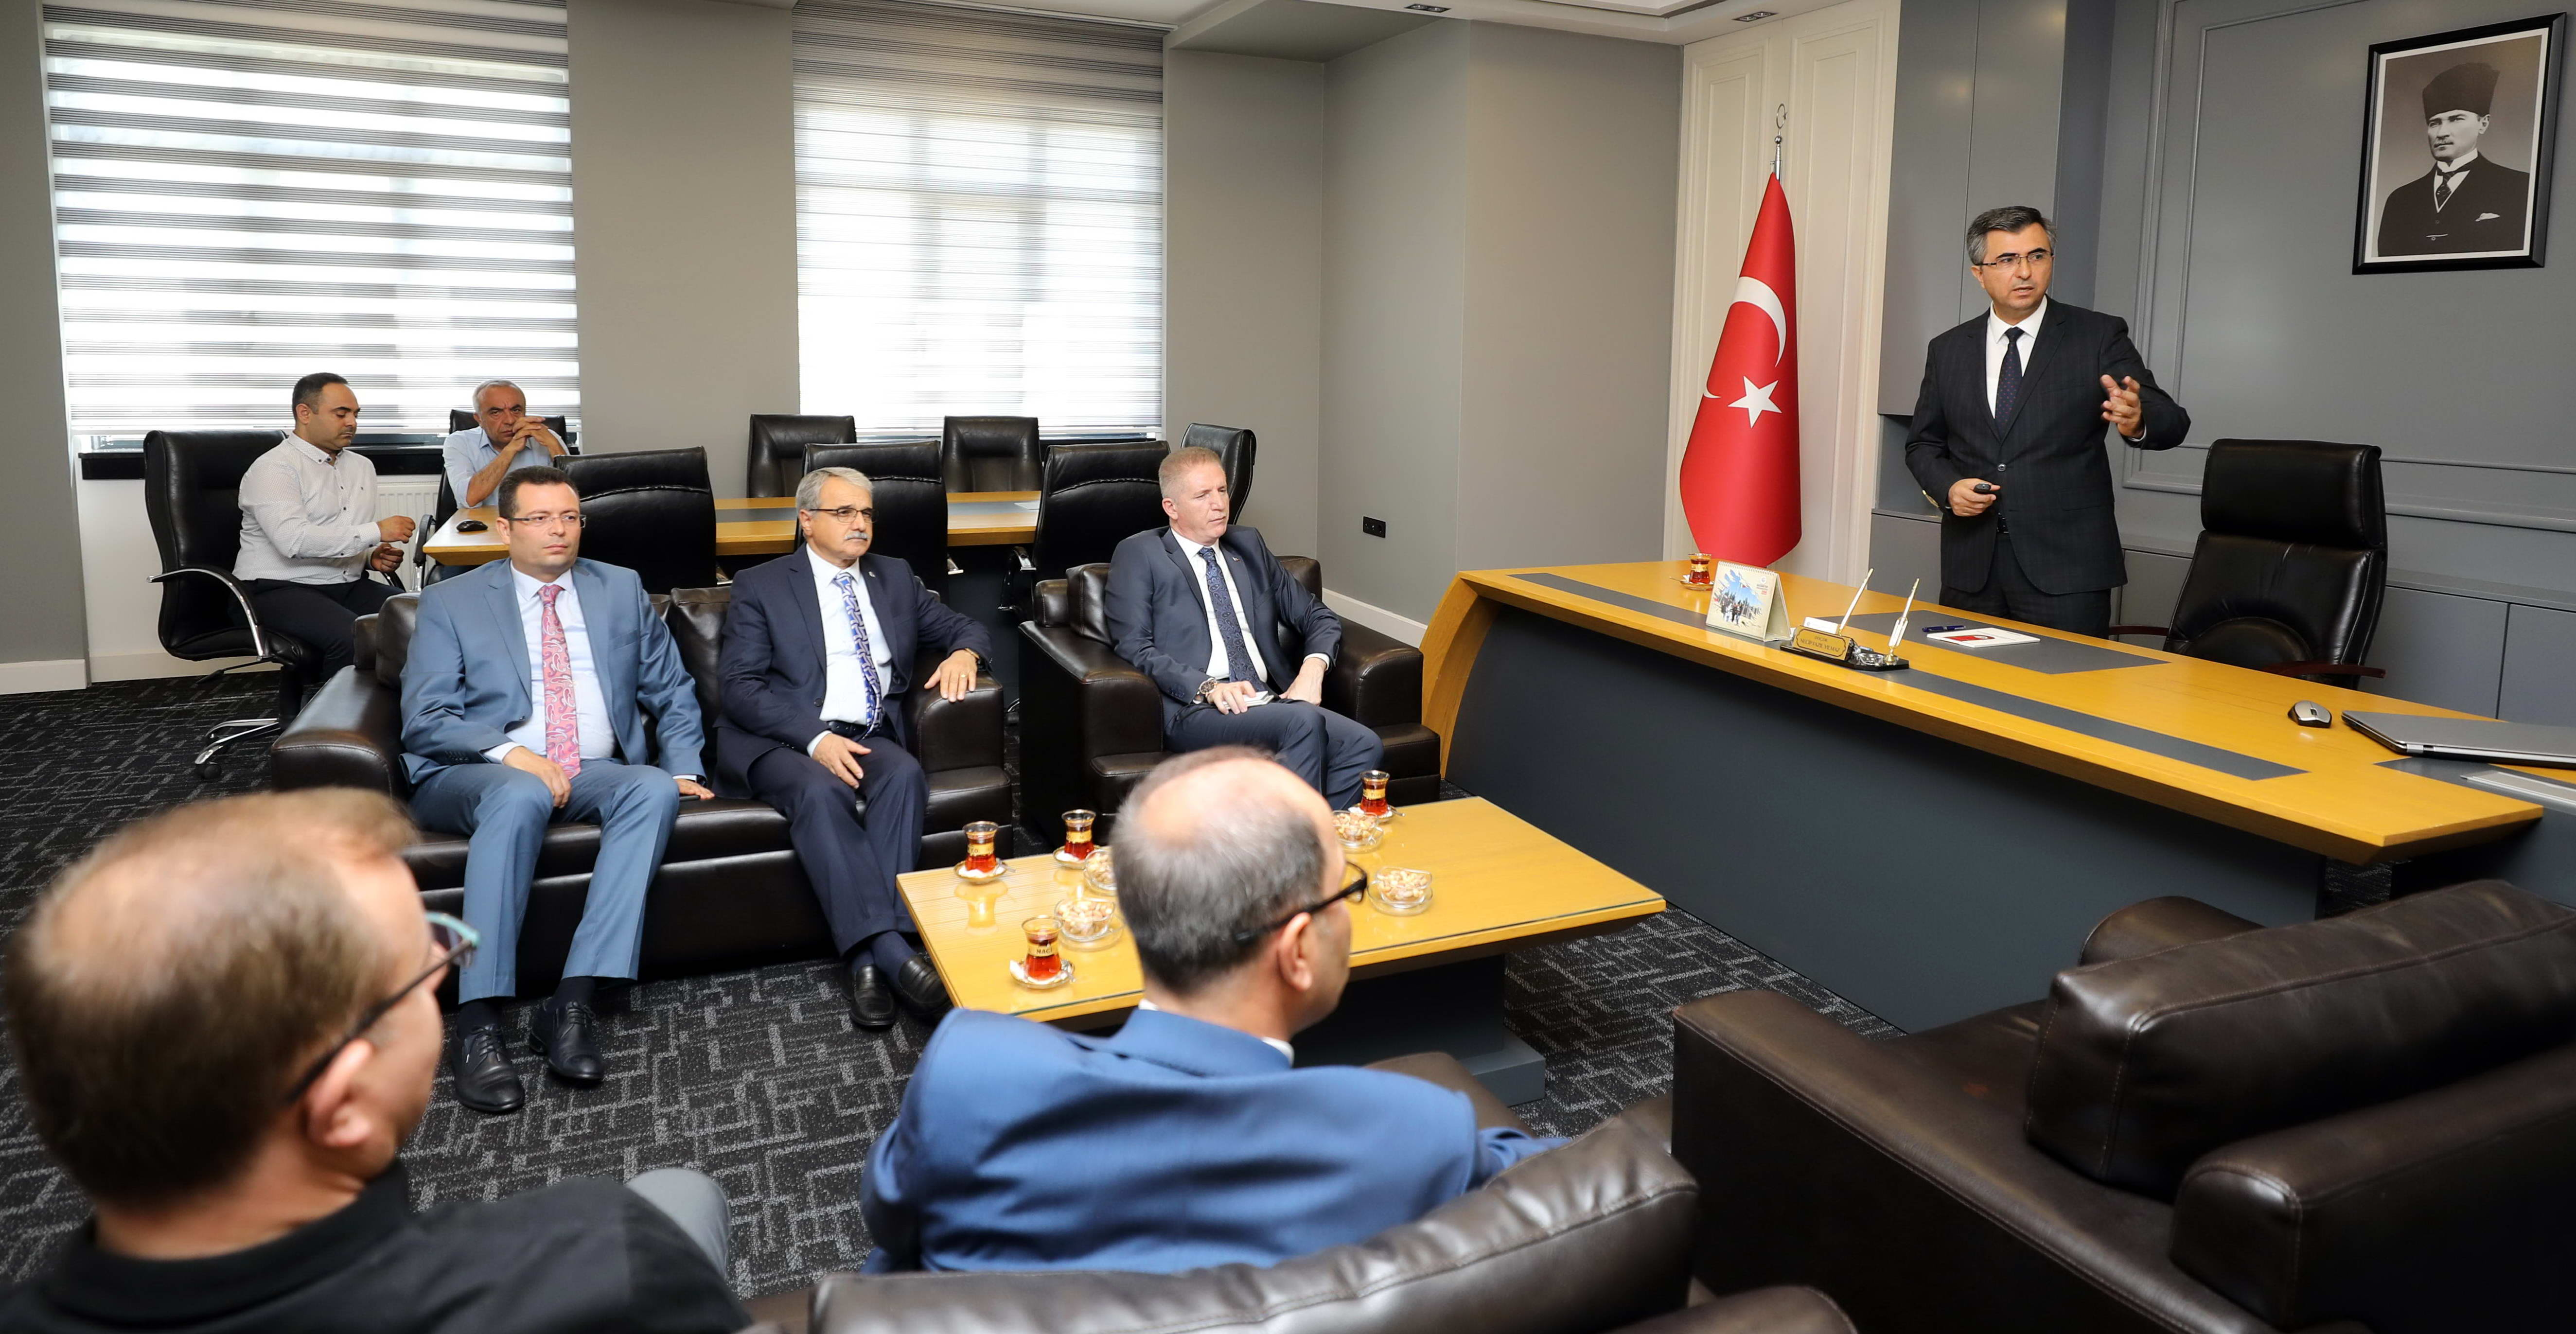 Naci Topçuoğlu MYO parmakla gösterilen bir eğitim kurumu -  (1)